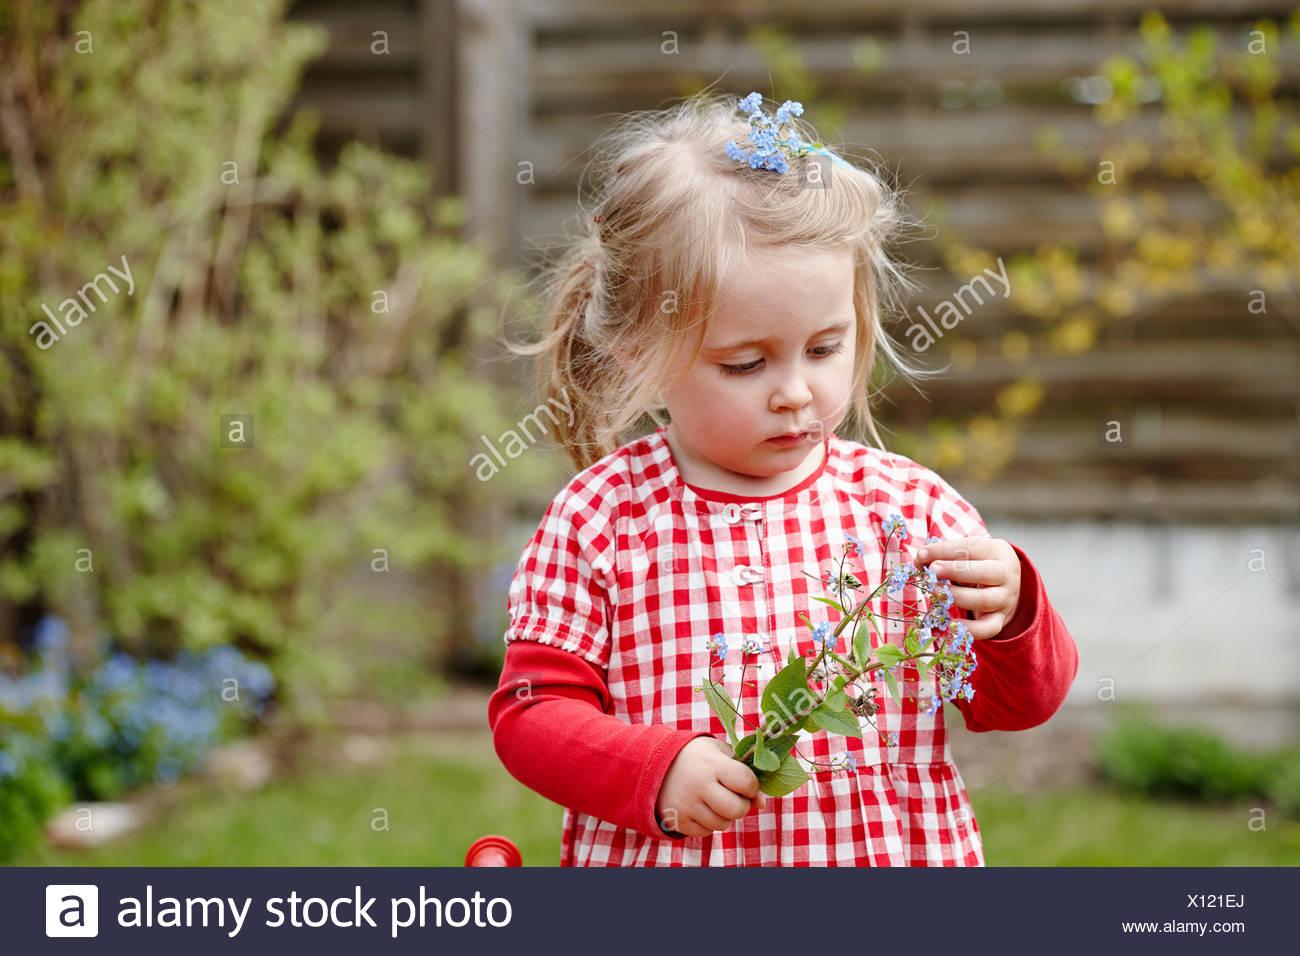 Ragazza giovane indossando abiti gingham holding fiori Immagini Stock